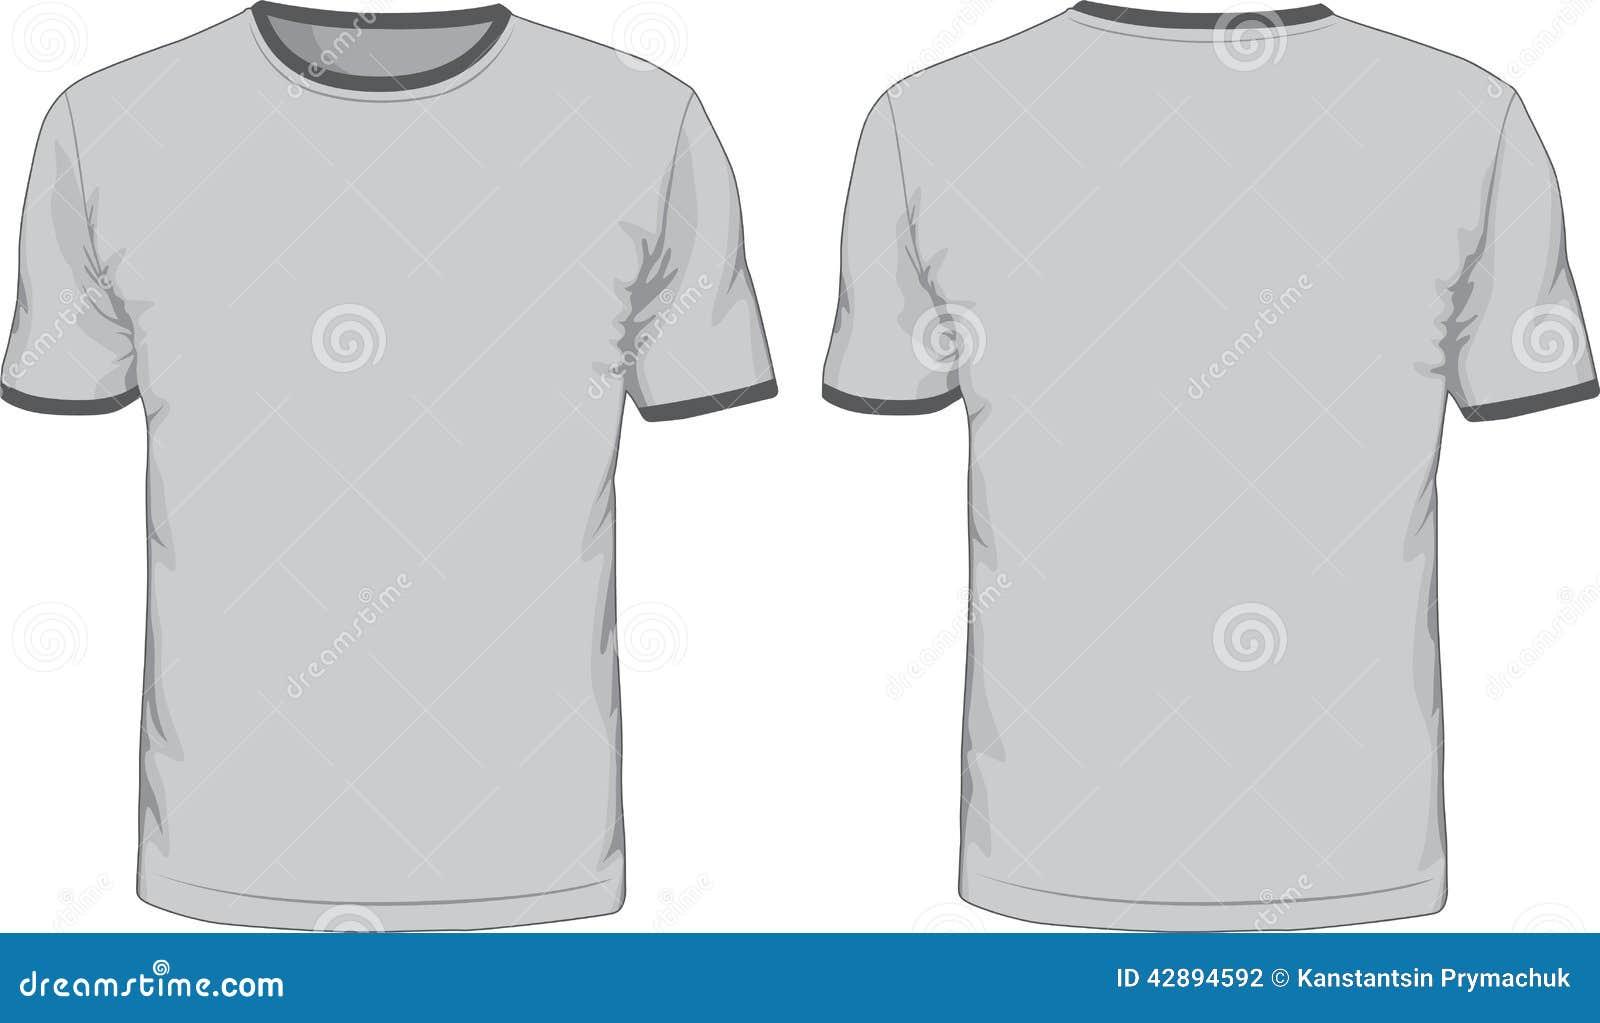 Schön Zazzle T Shirt Schablone Fotos - Entry Level Resume Vorlagen ...